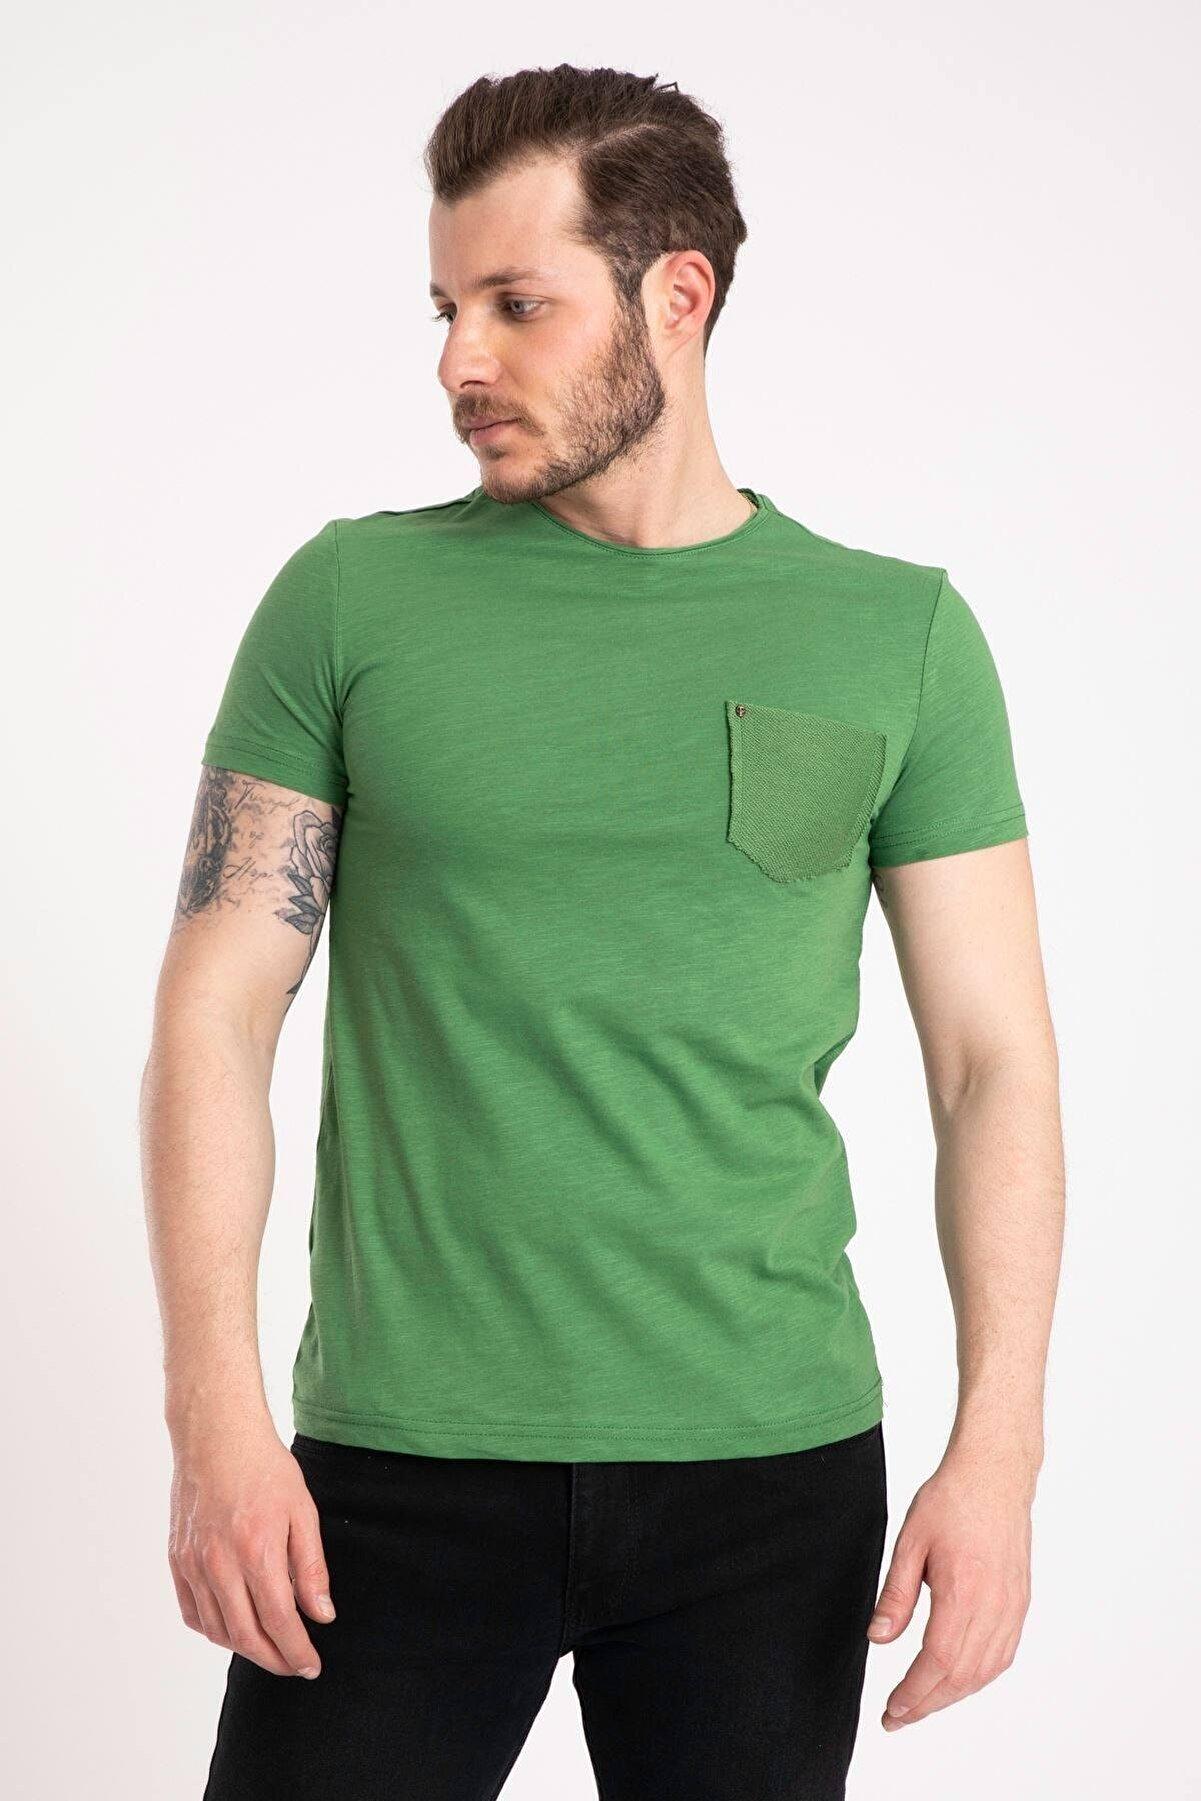 GİYSA %100 Pamuk Erkek Zümrüt Cepli T-shirt 2000-1